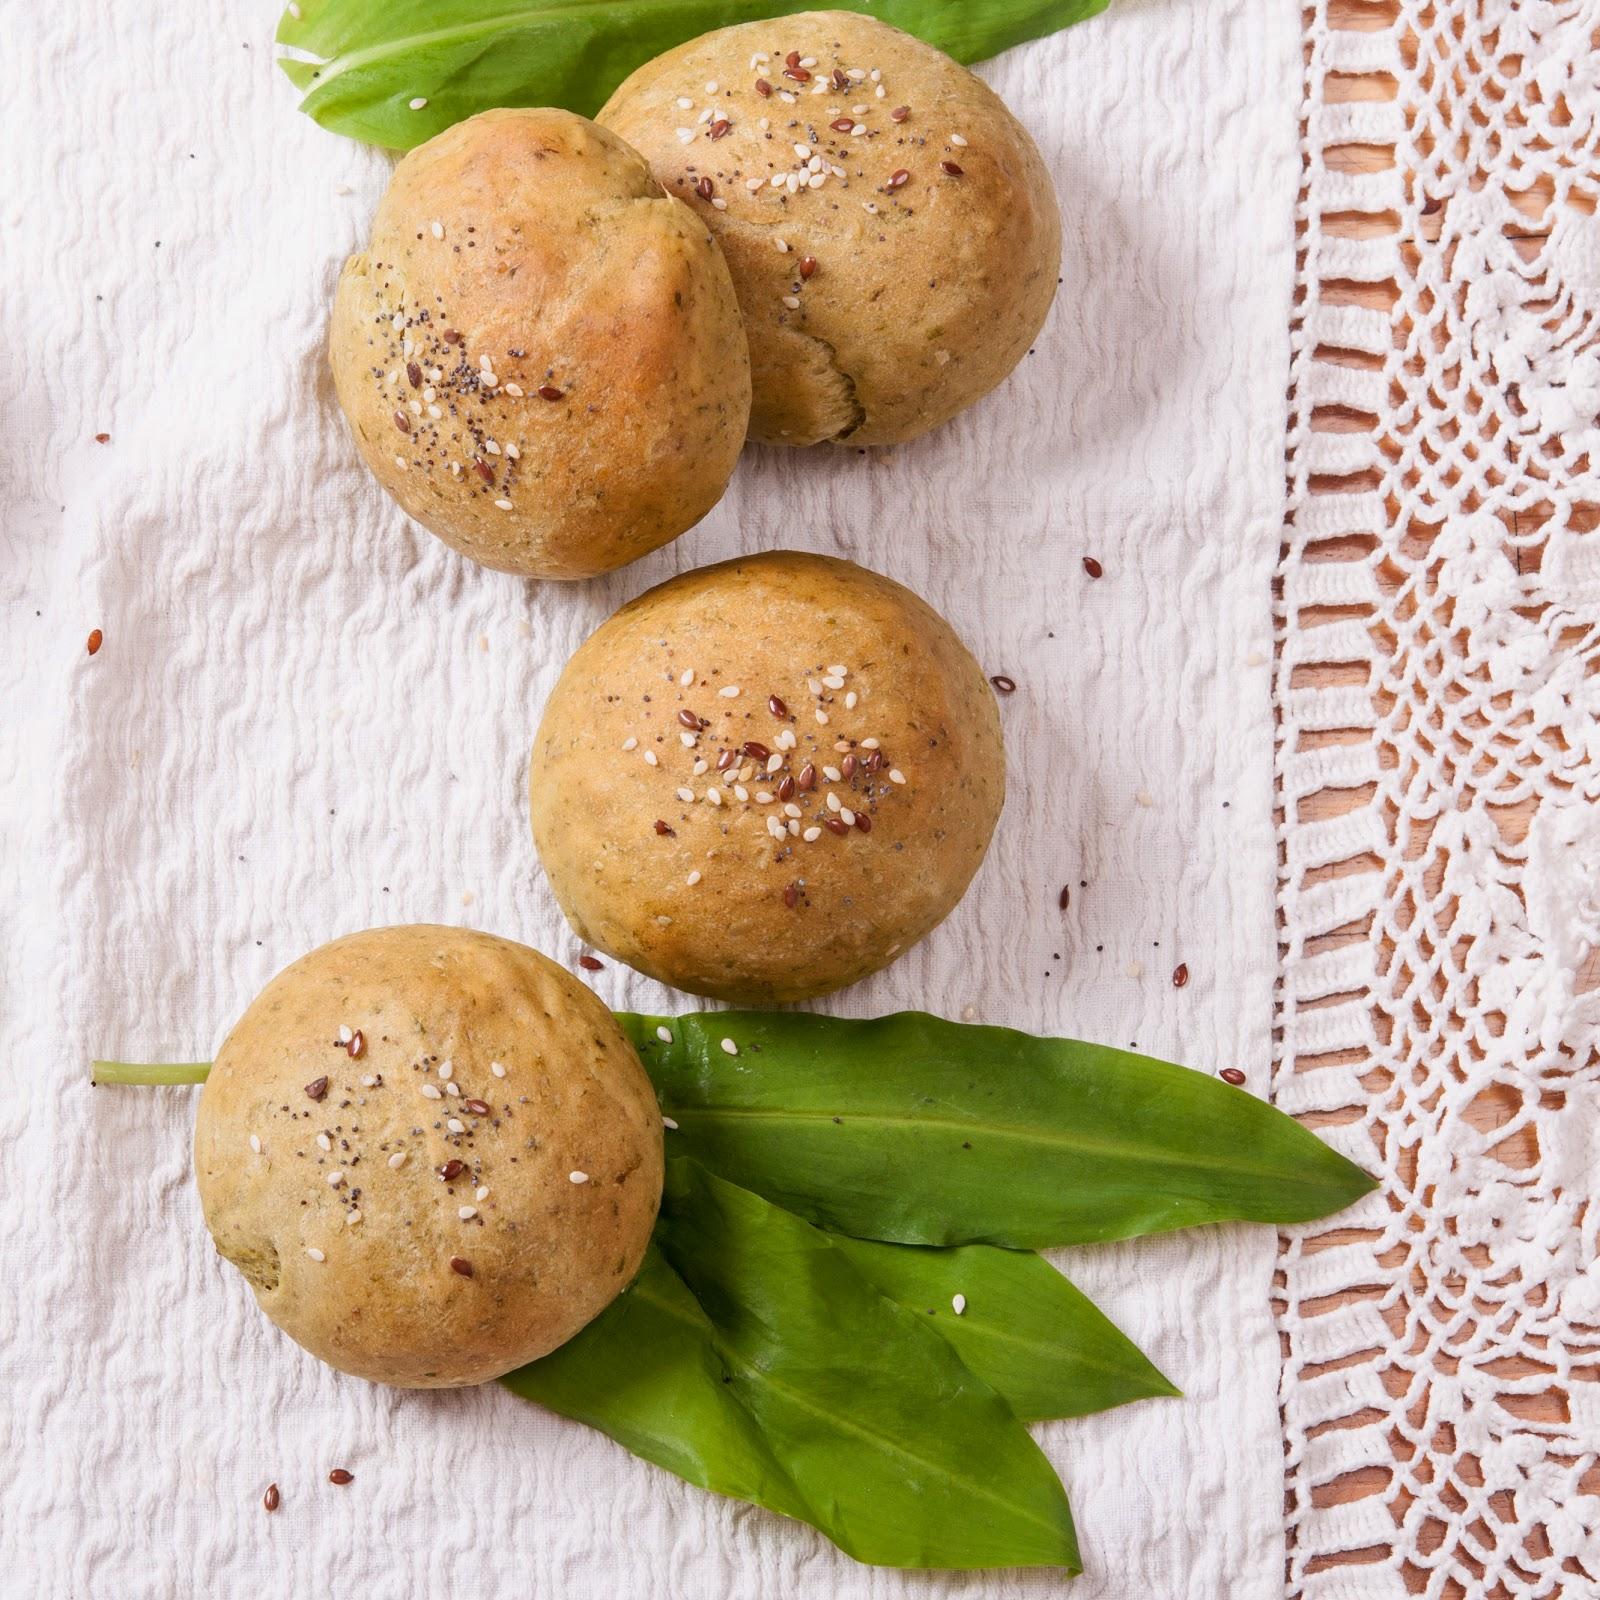 Бързи ароматни хлебчета с див чесън левурда